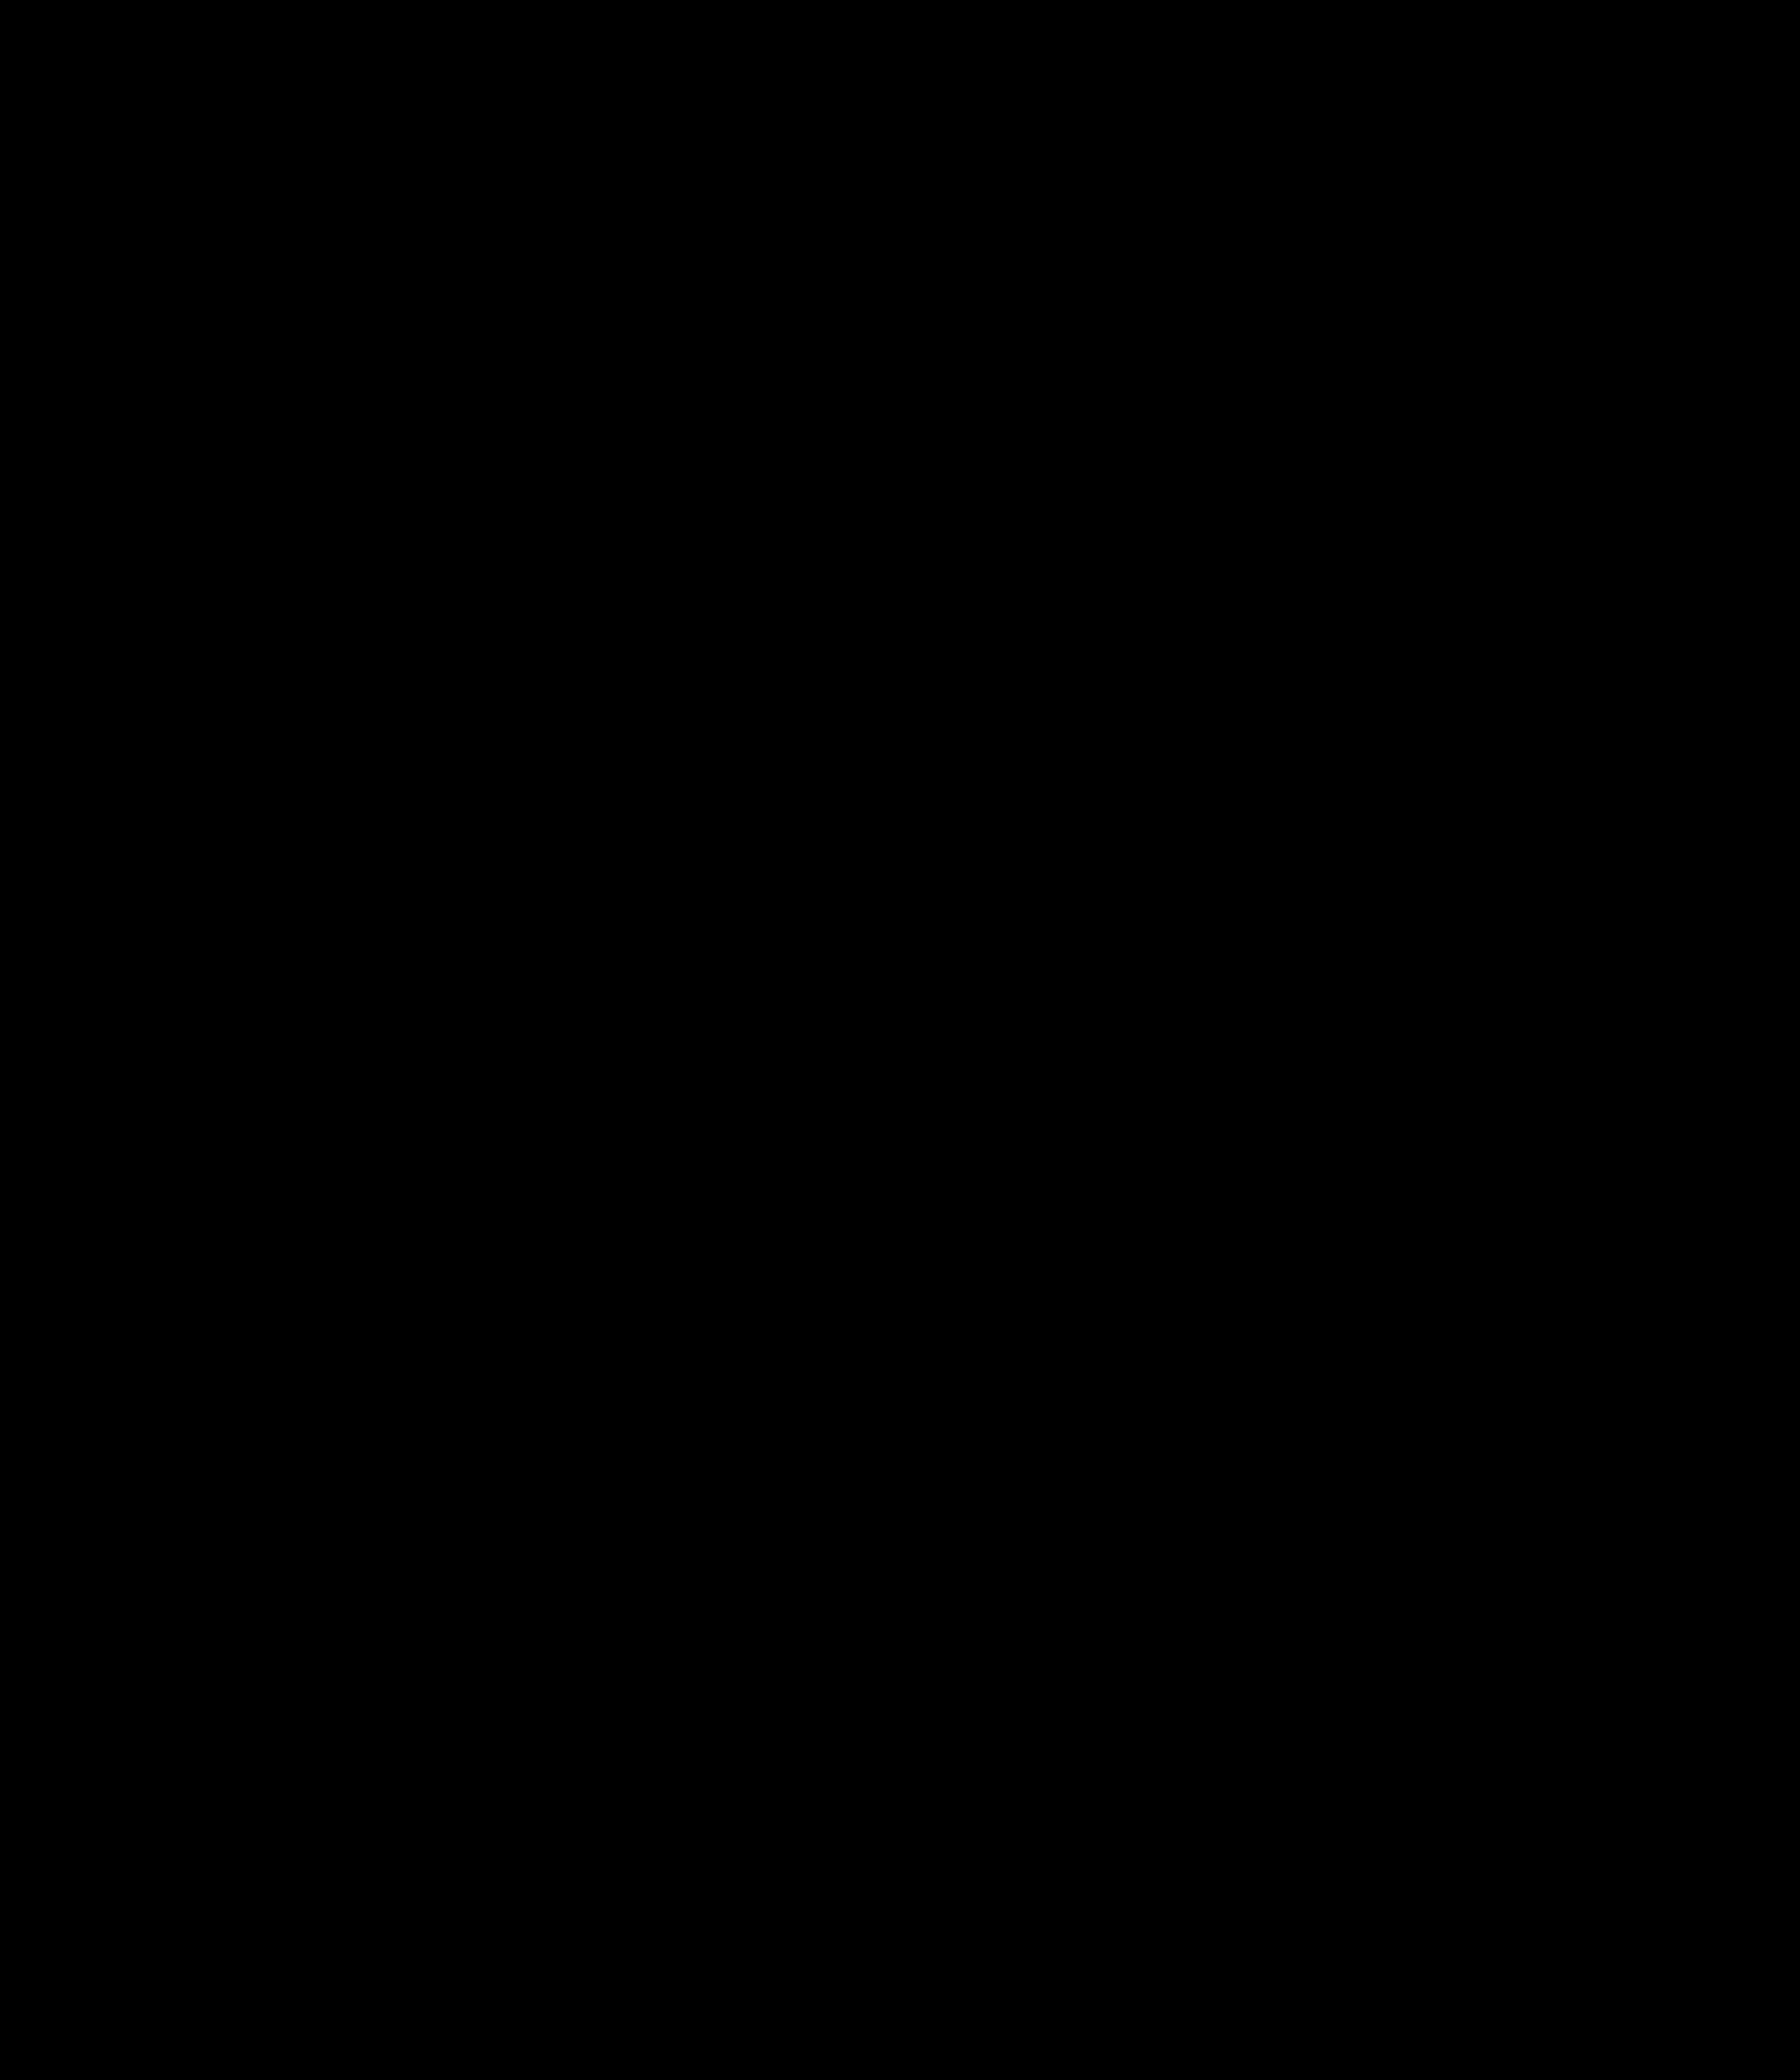 1921湖景餐厅